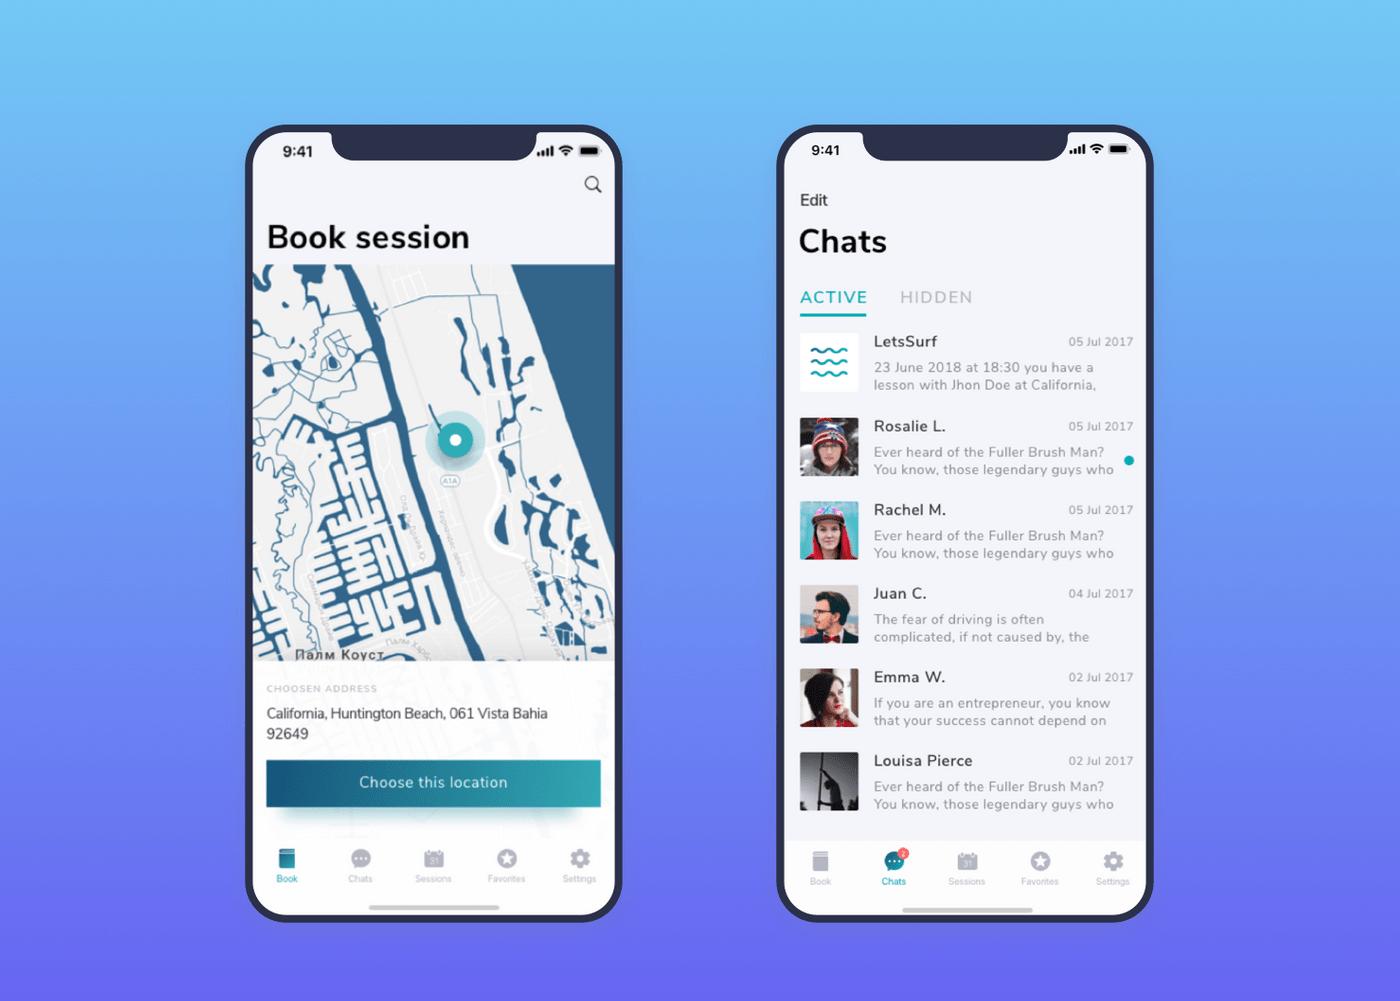 LetsSurf interface